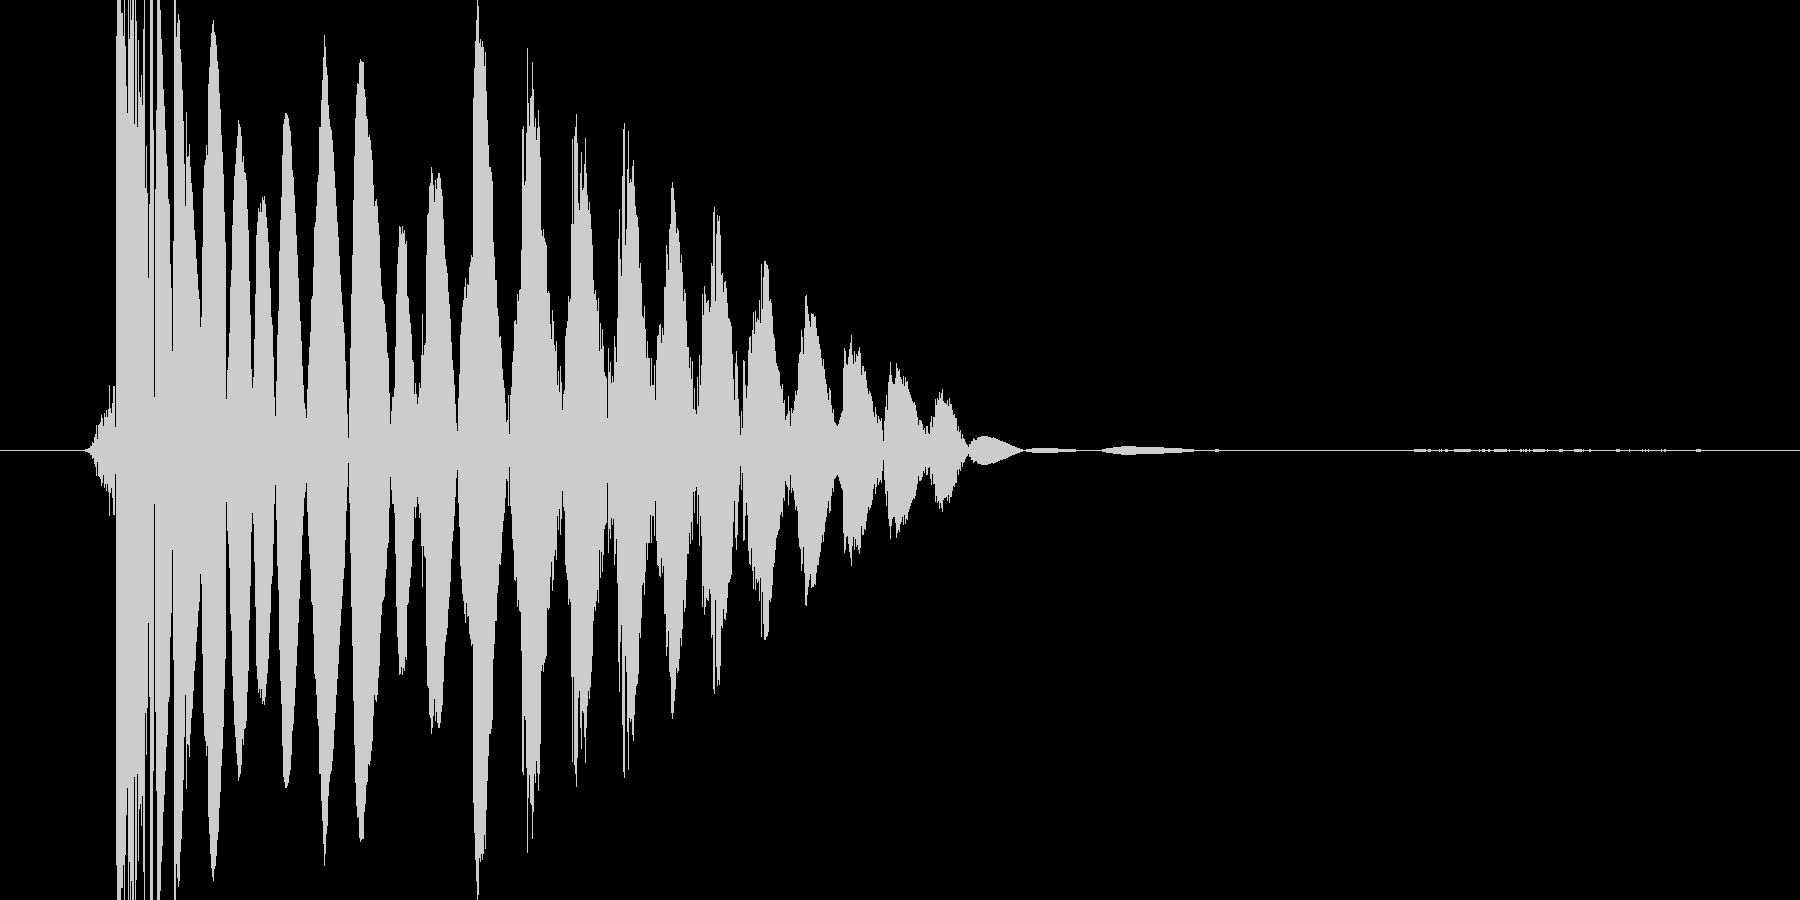 ドスっという衝撃音の未再生の波形